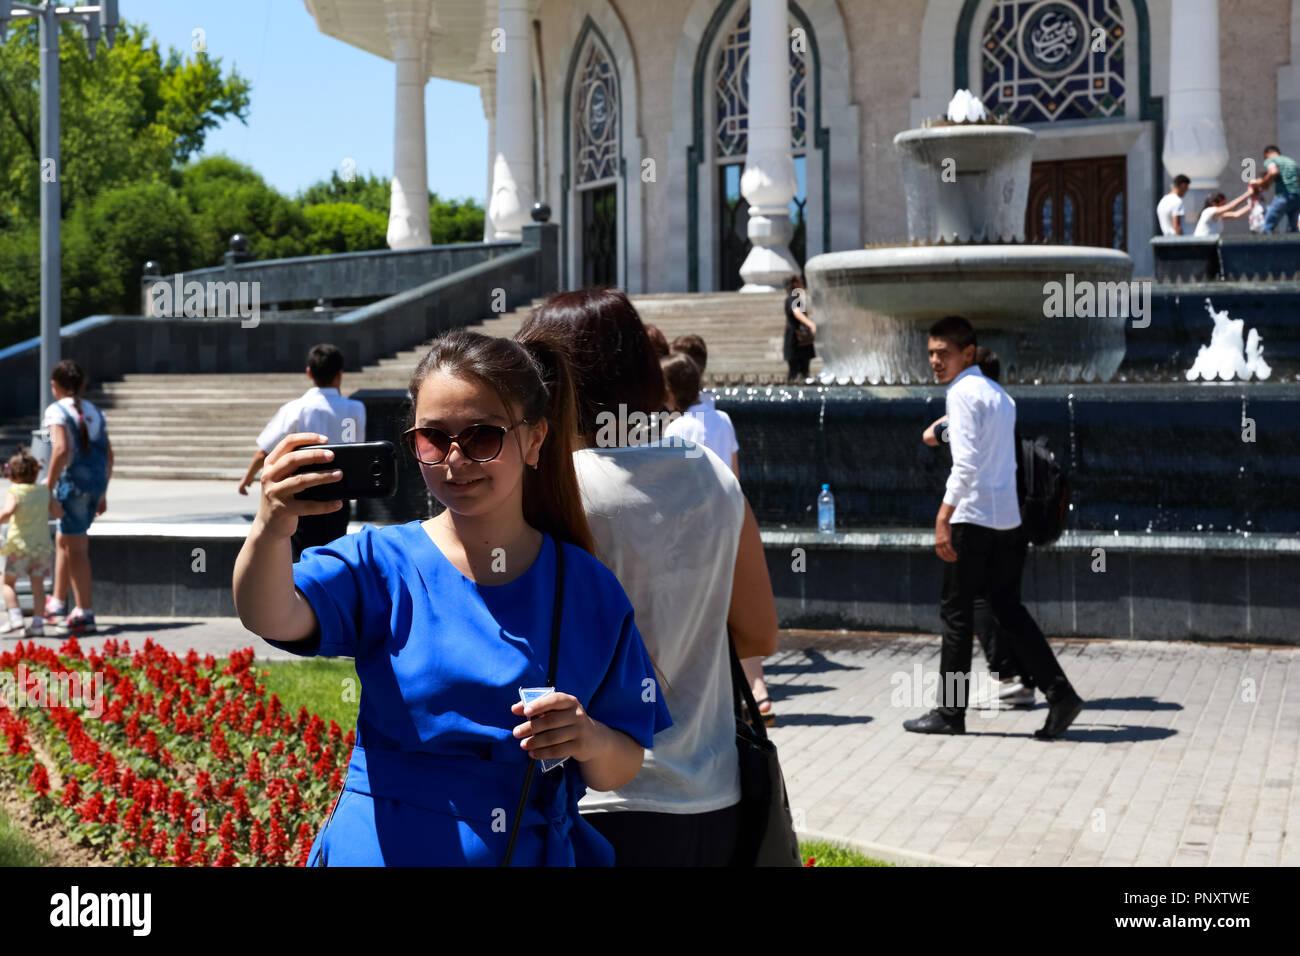 Girls tashkent hot Top